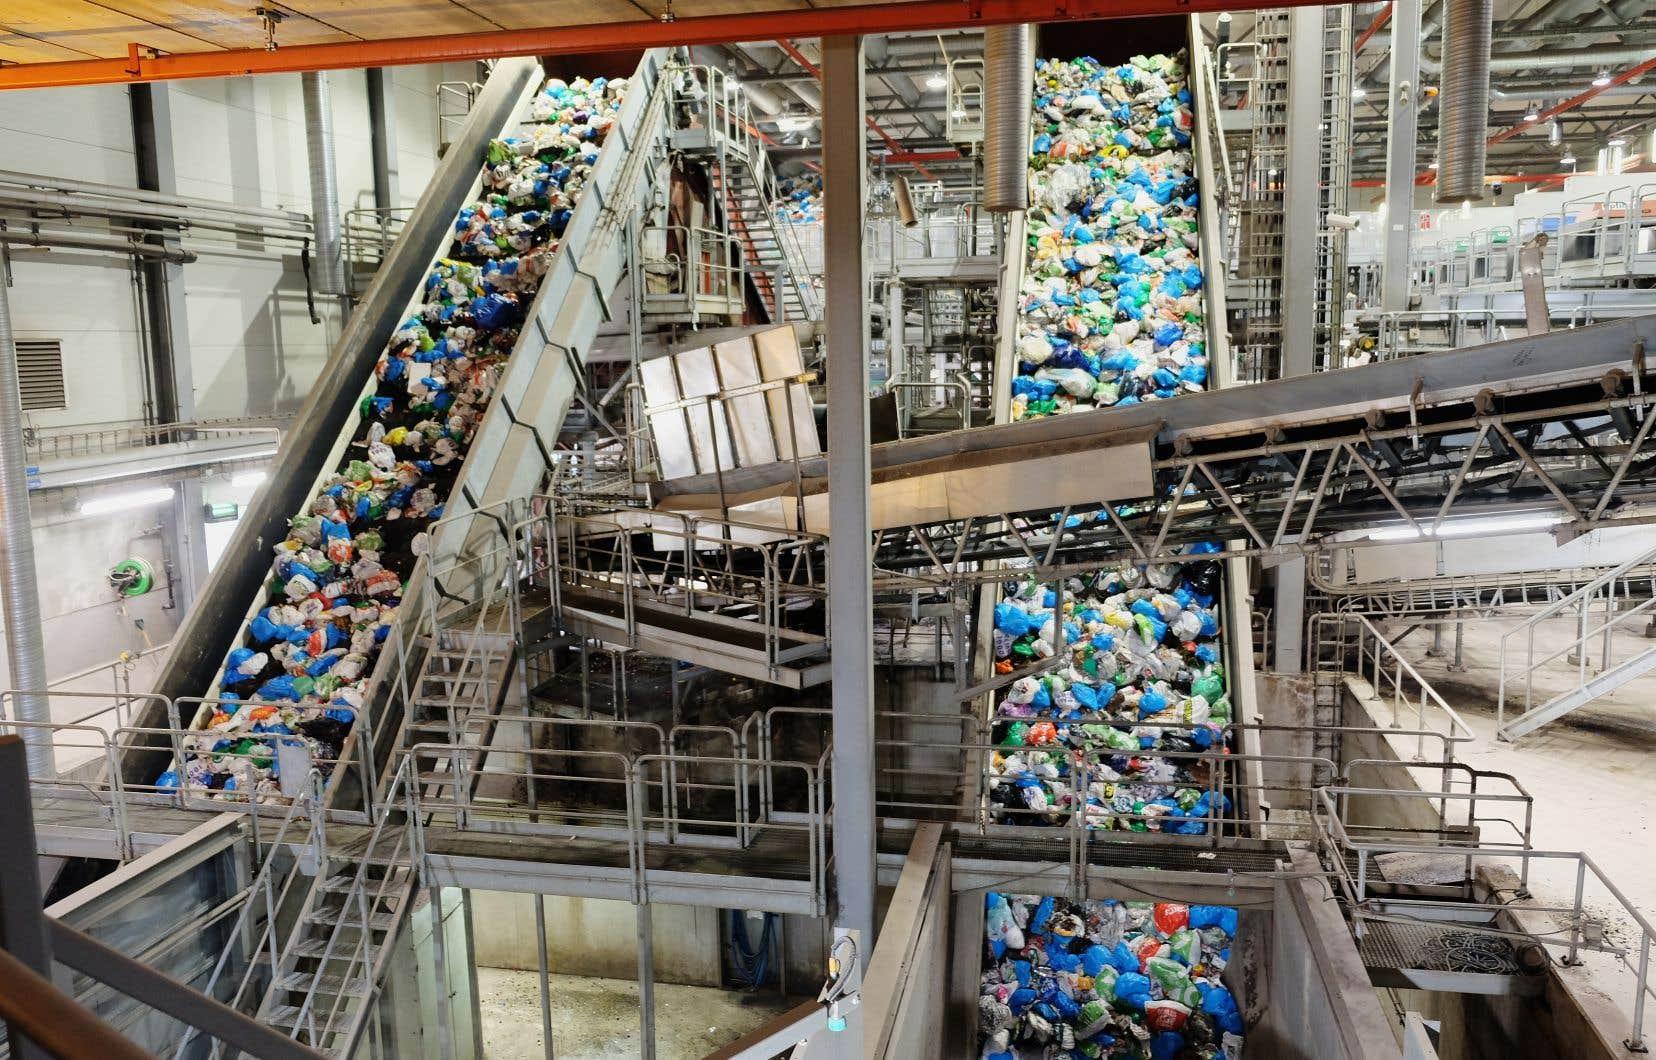 Triés au centre de traitement des déchets d'Haraldrud, ces déchets serviront notamment à produire du biocarburant grâce auquel rouleront les autobus d'Oslo.